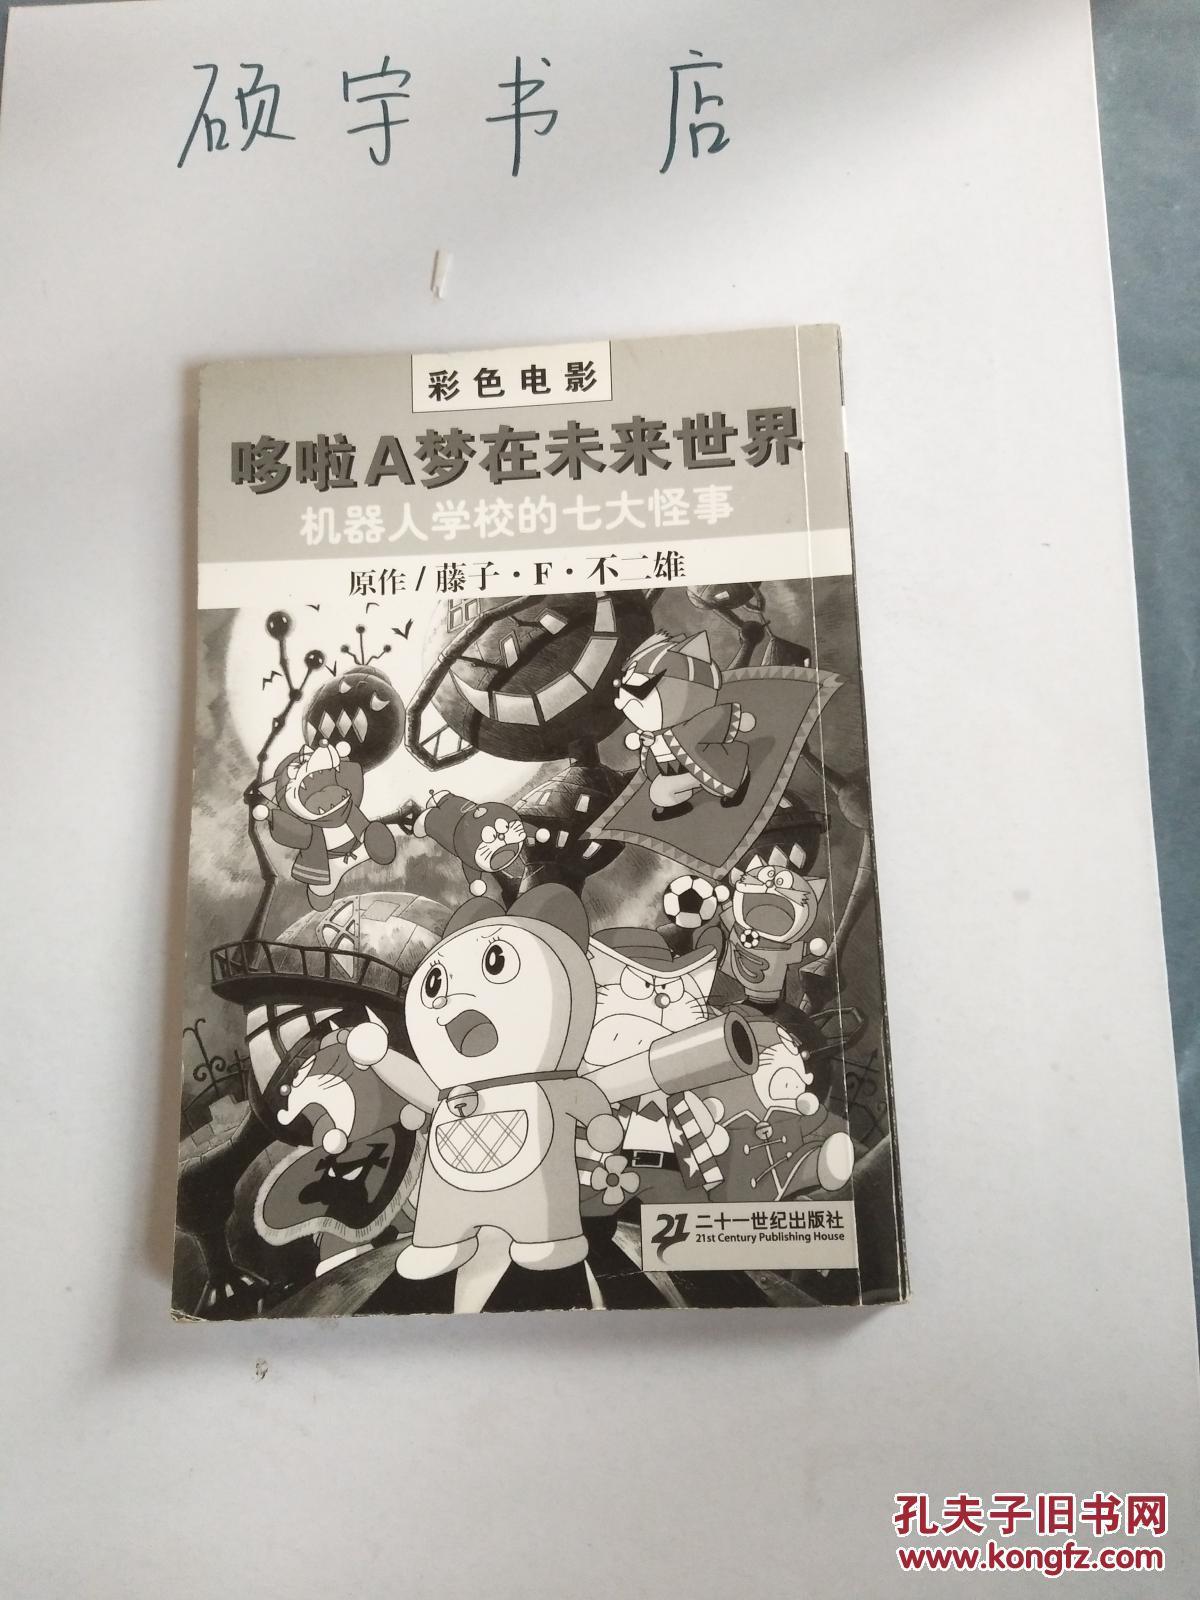 哆啦a梦在未来世界:机器人学校的七大怪事 [3~10岁]